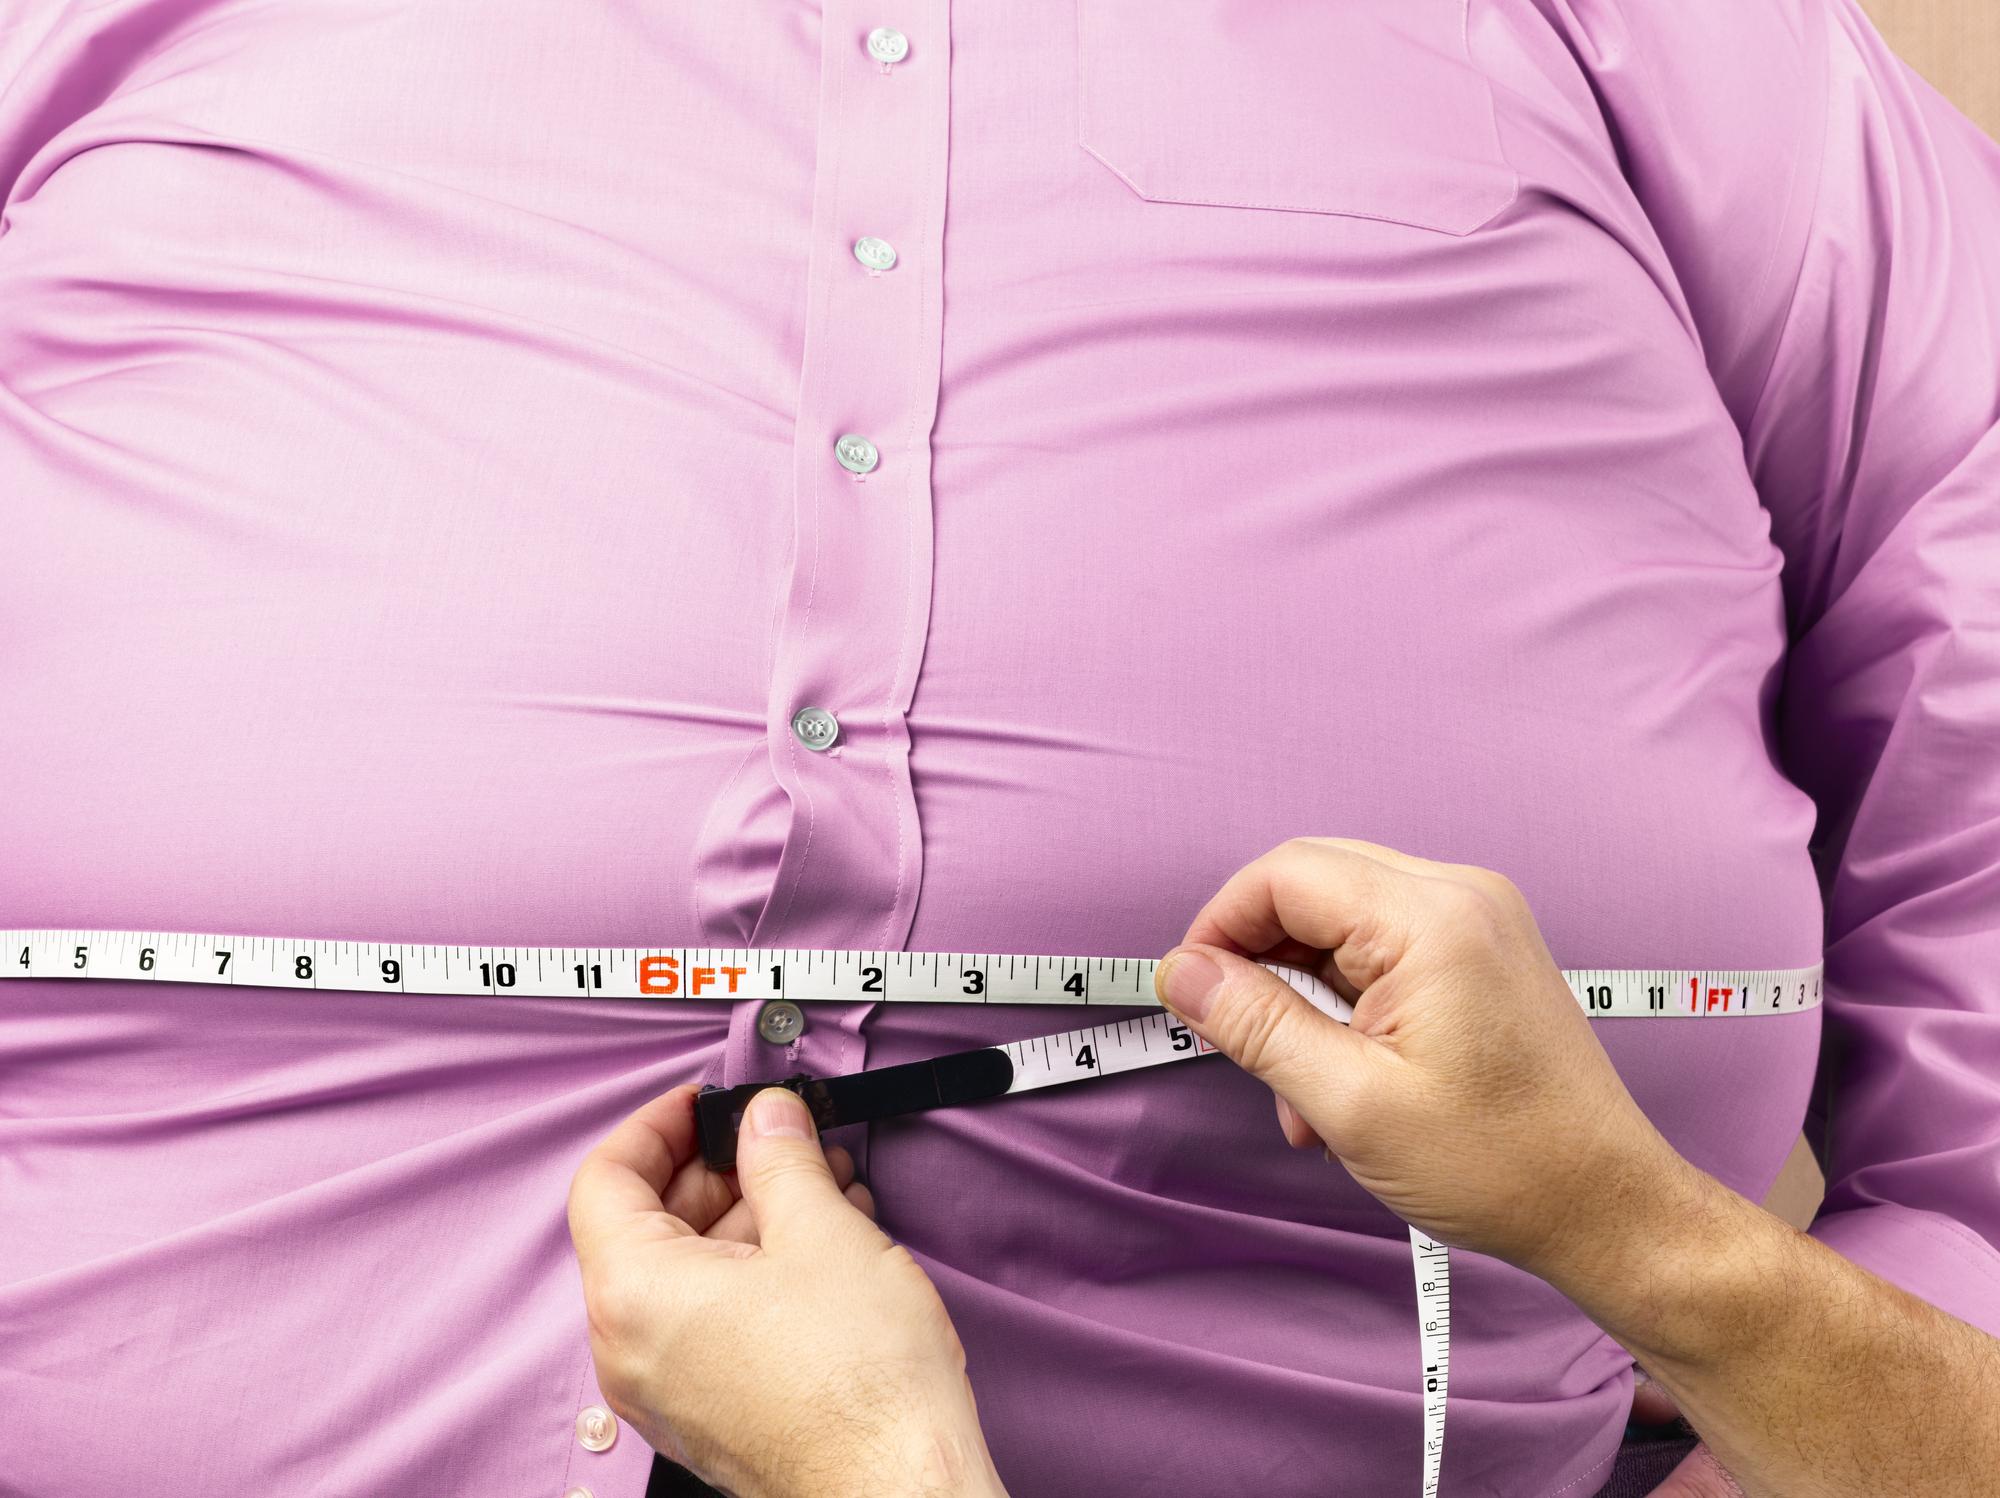 enni tiszta fogyni fogyni elhízott terhes